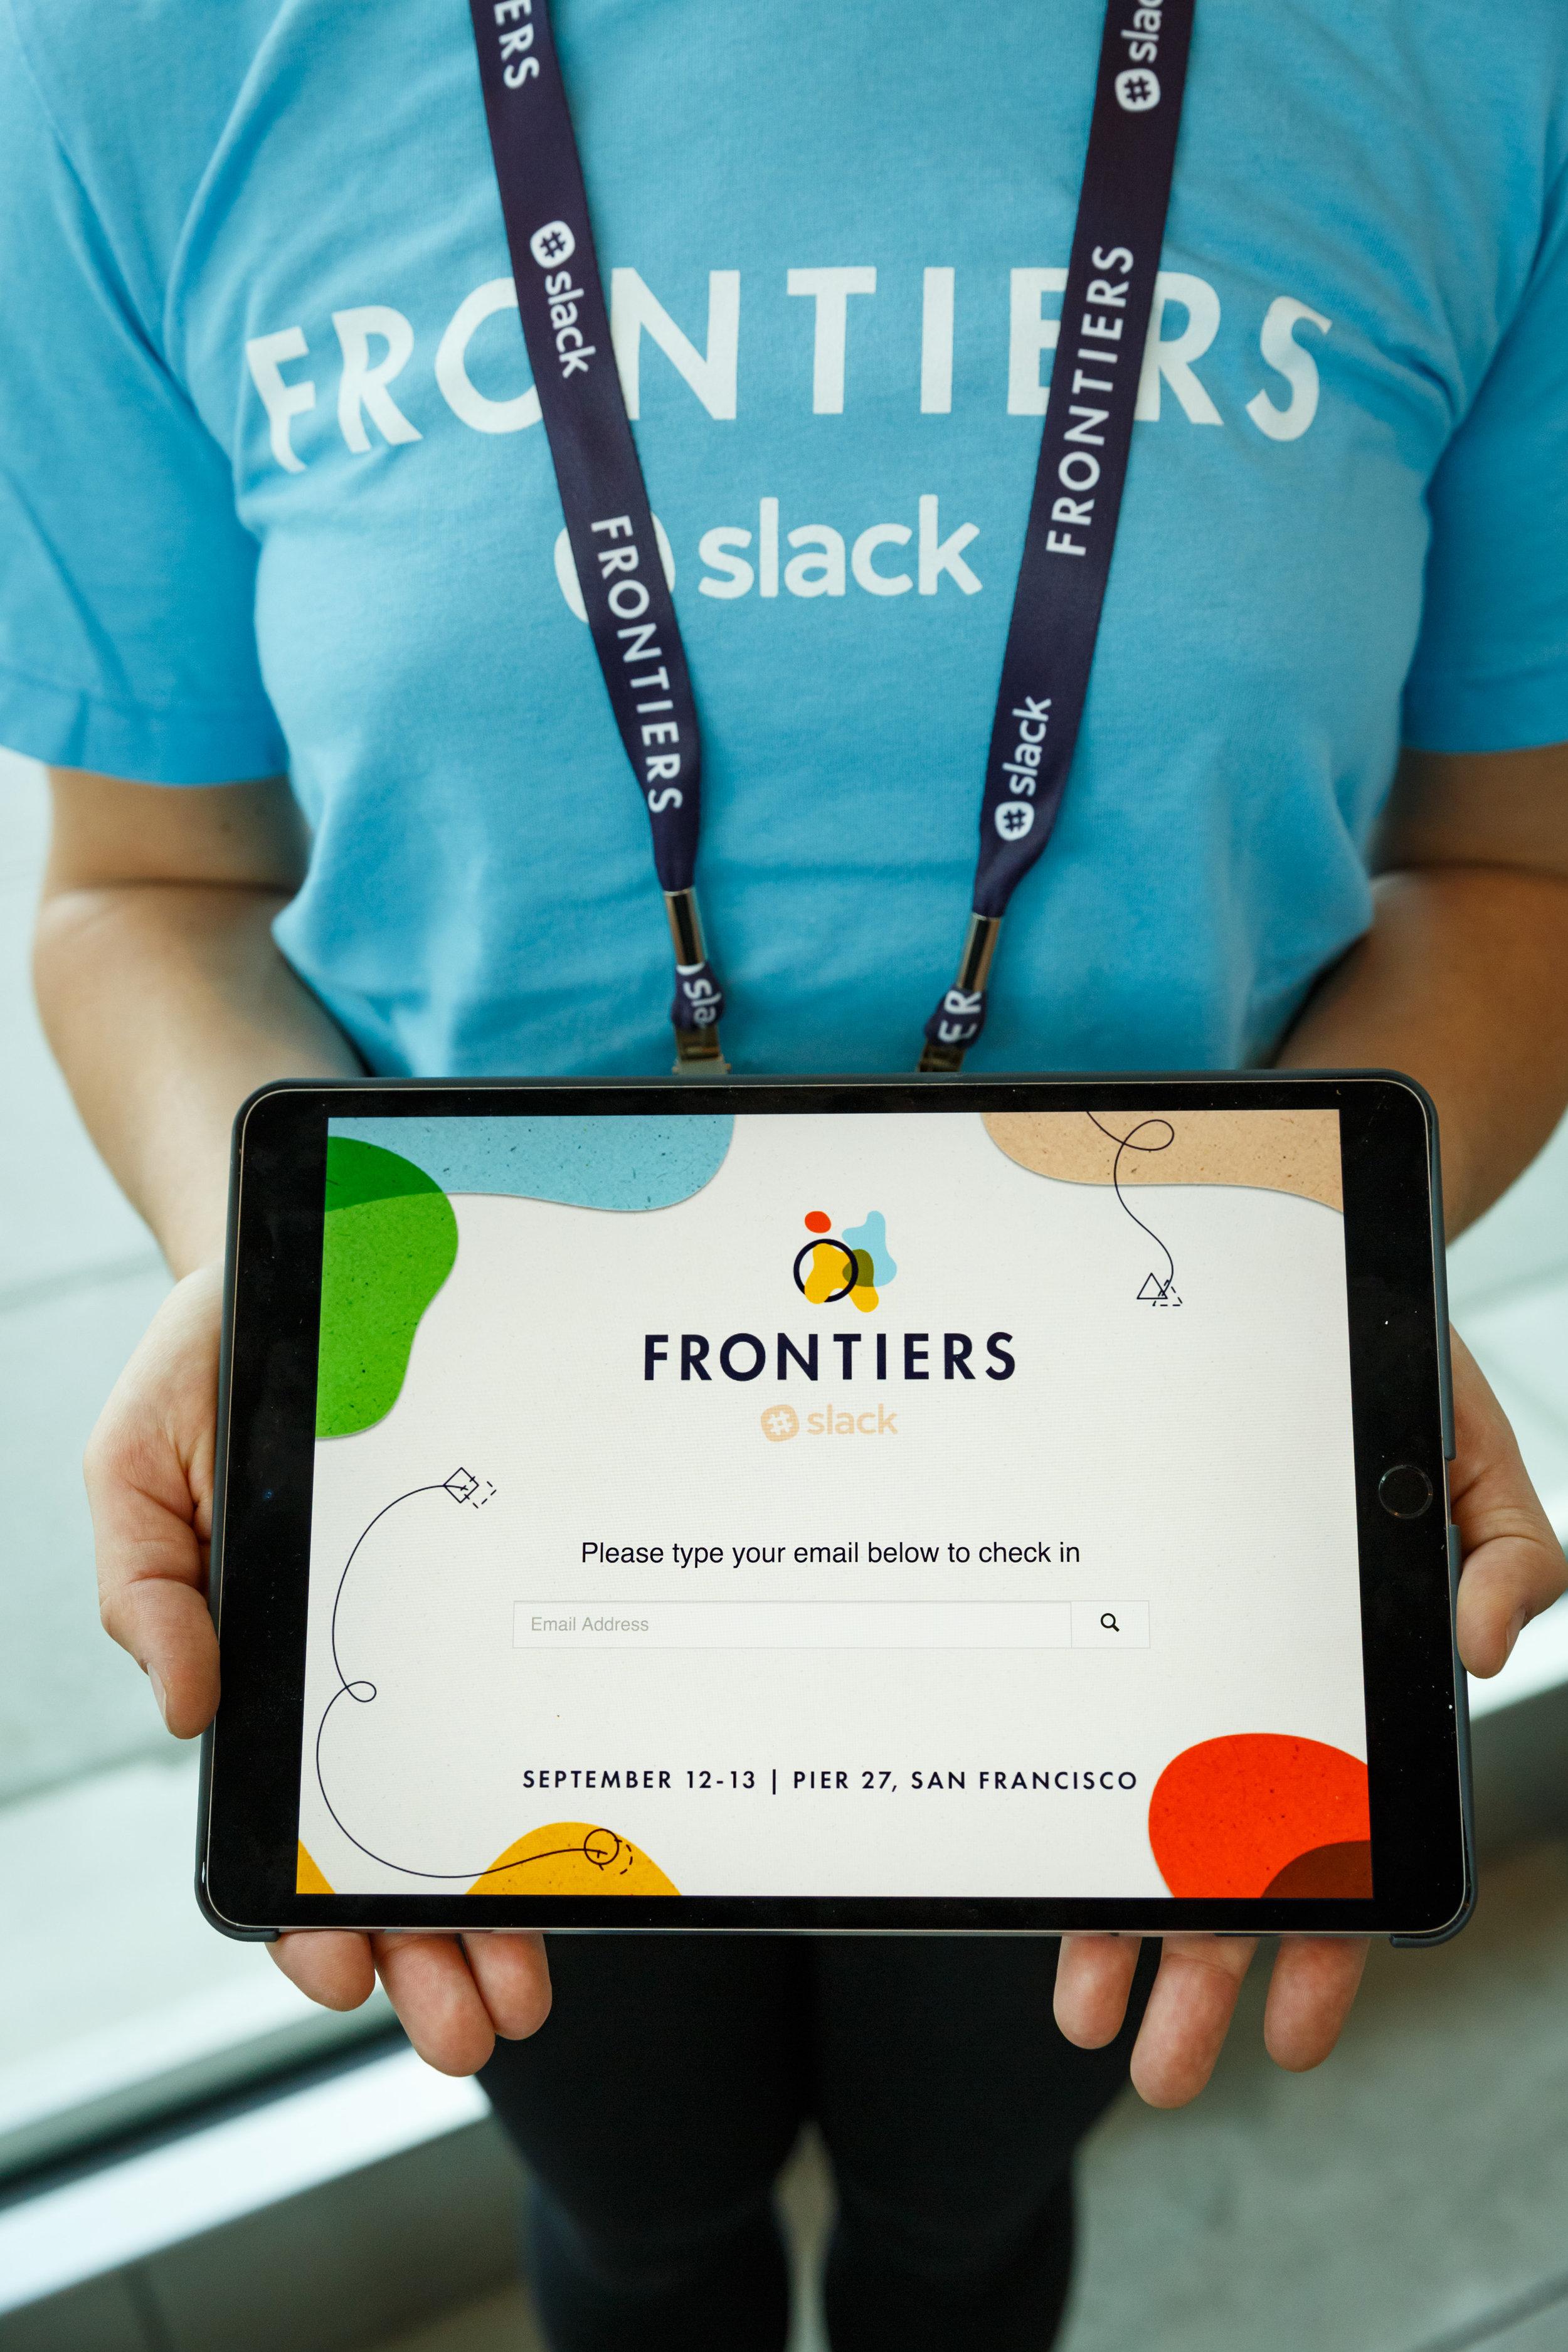 Frontiers2 - 3.jpg